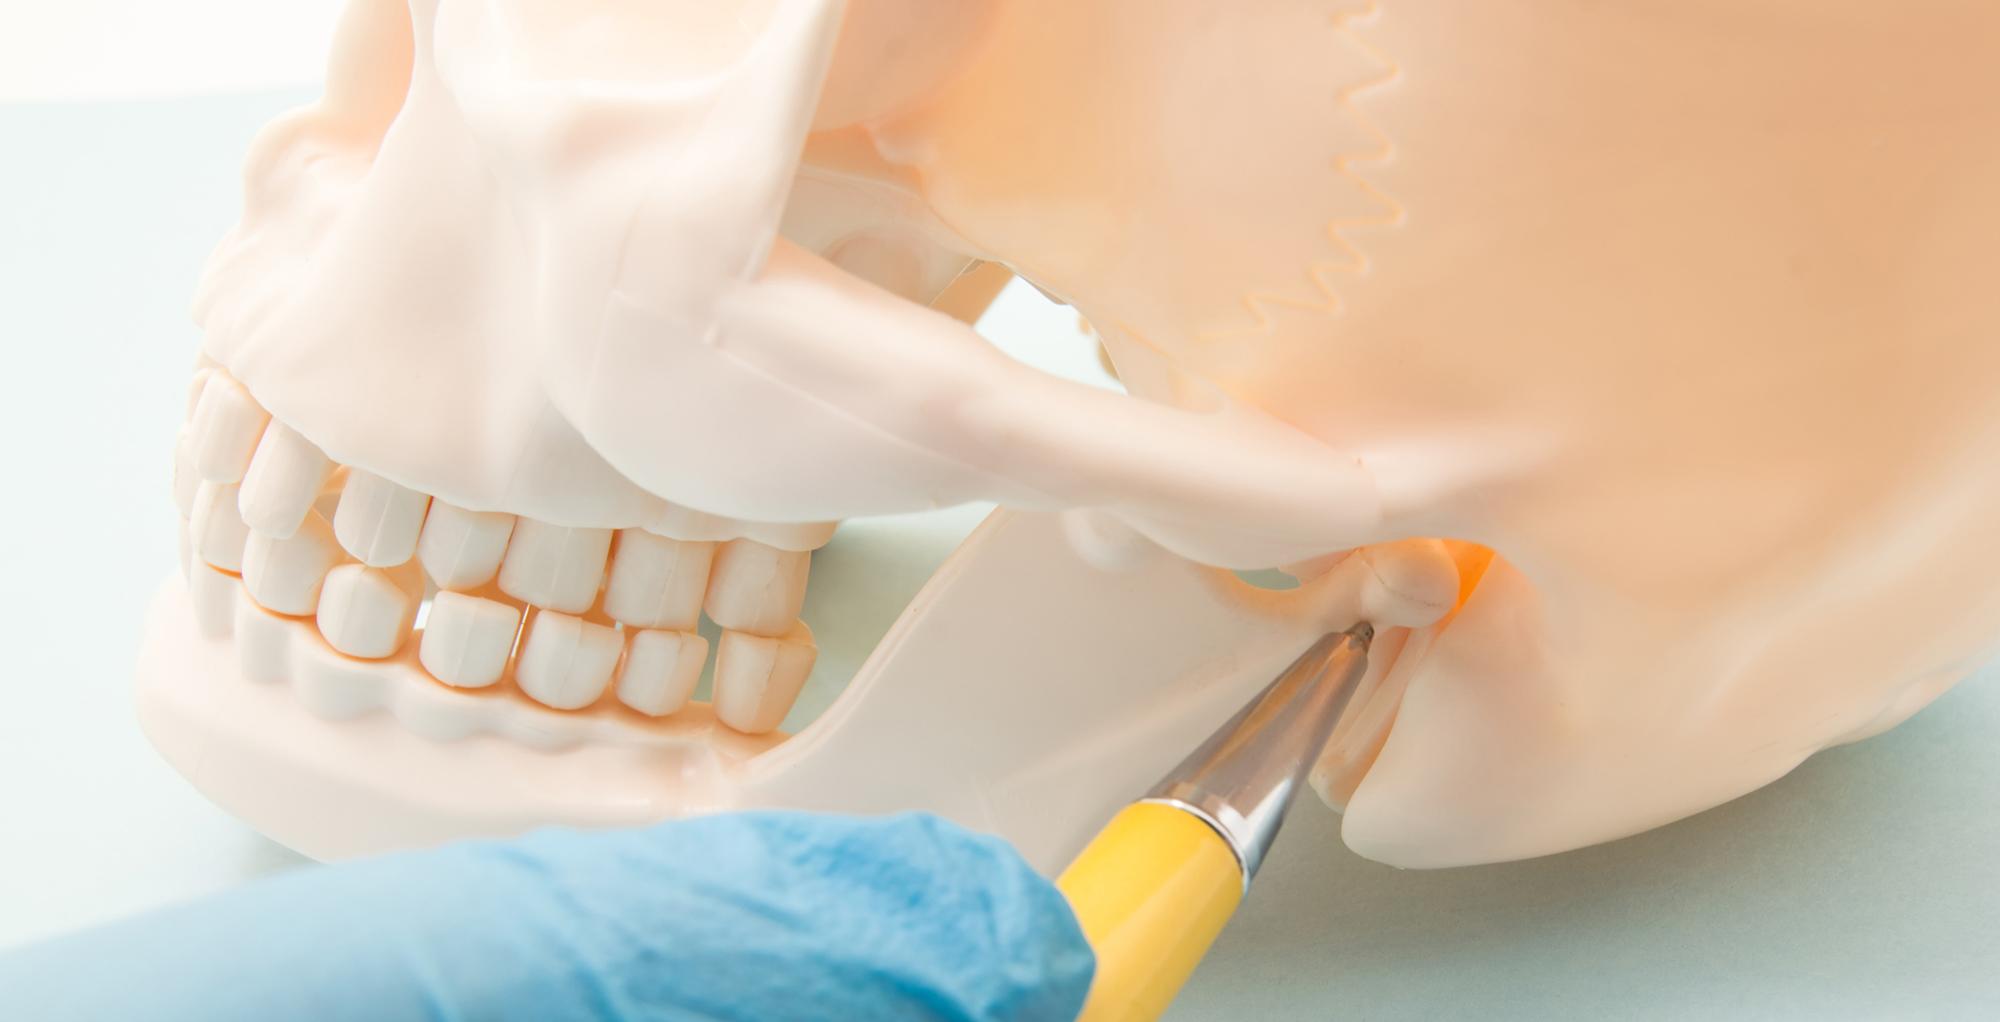 plastic cranium showing TMJ